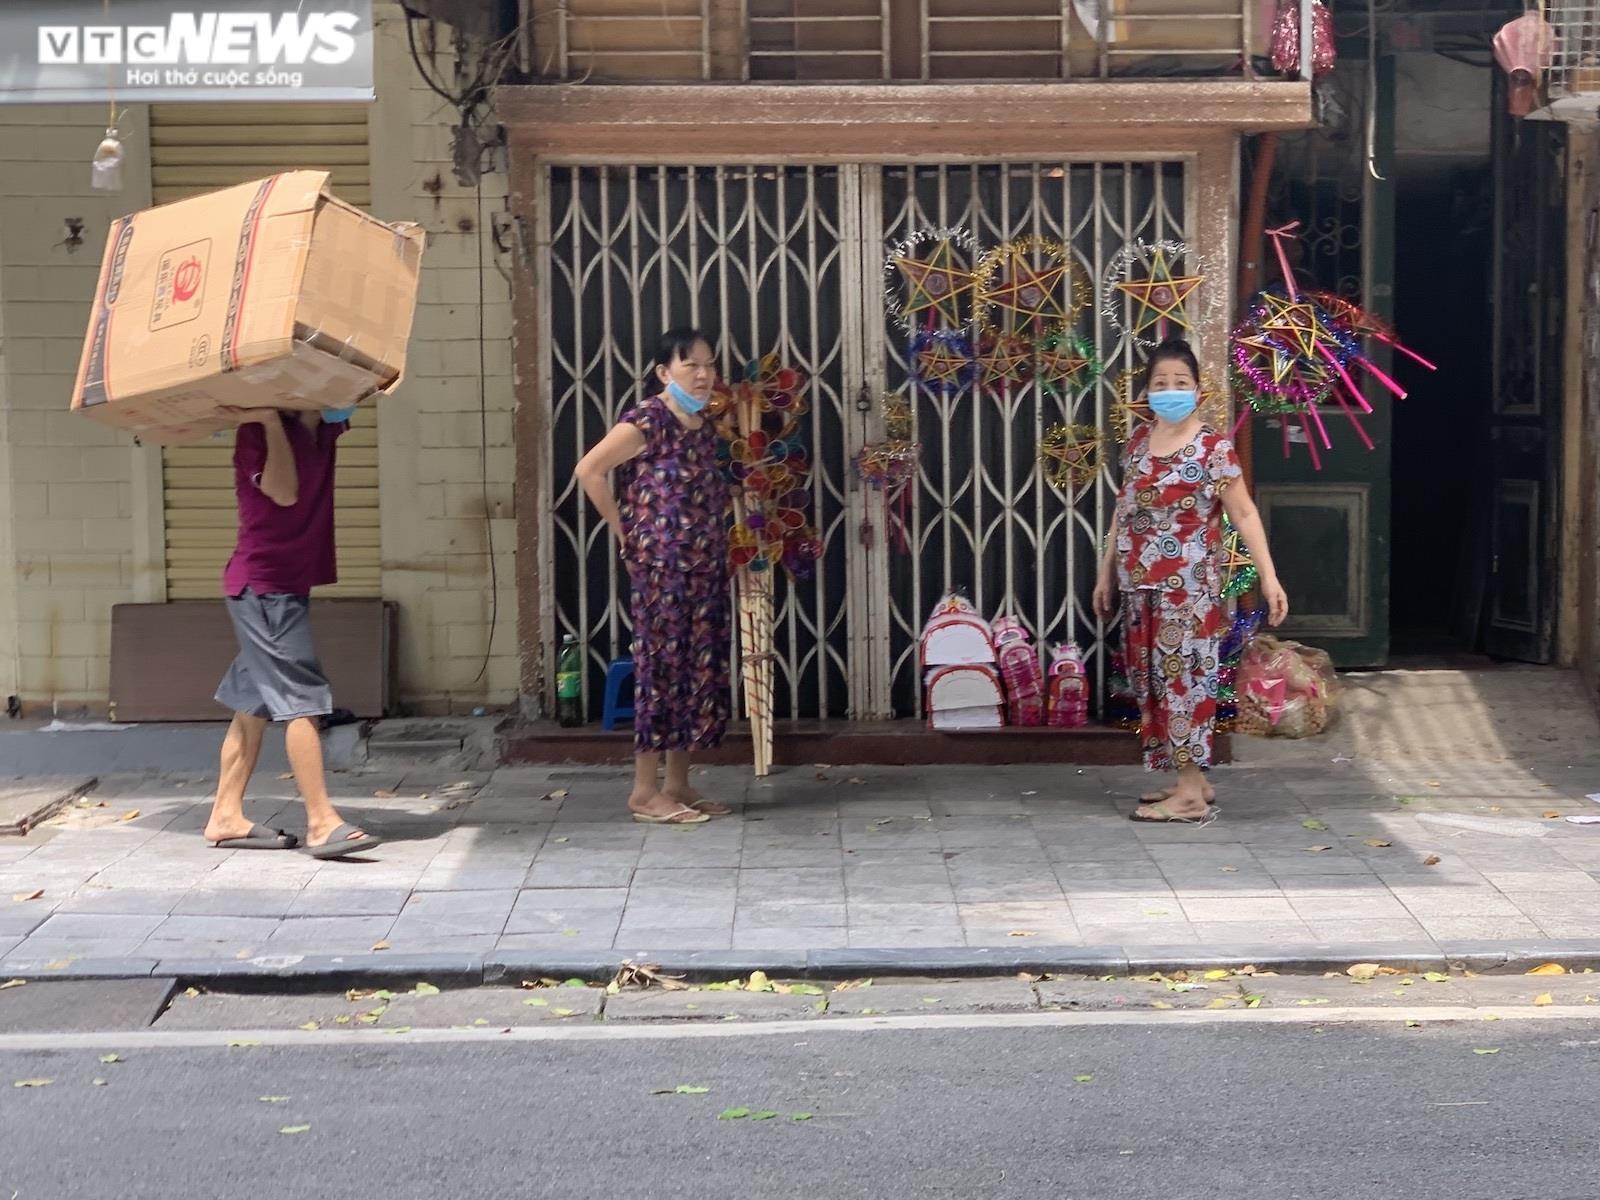 Cảnh bán đồ chơi trung thu lạ đời ở Hà Nội - 3